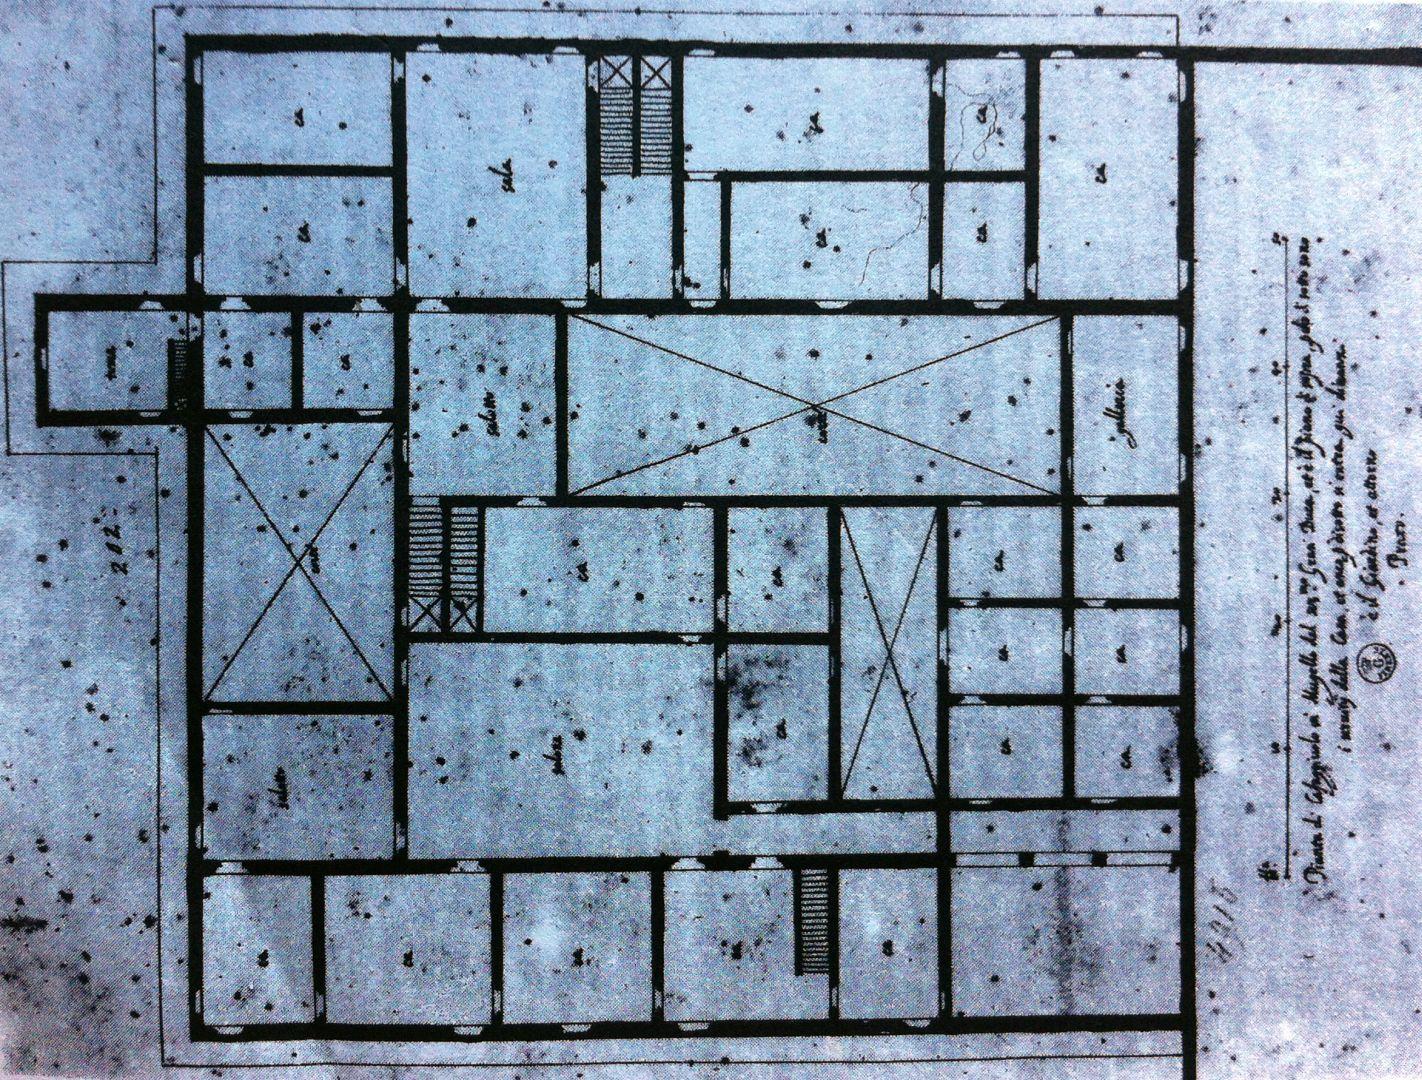 Bta bollettino telematico dell 39 arte testi for Semplice disegno del piano casa